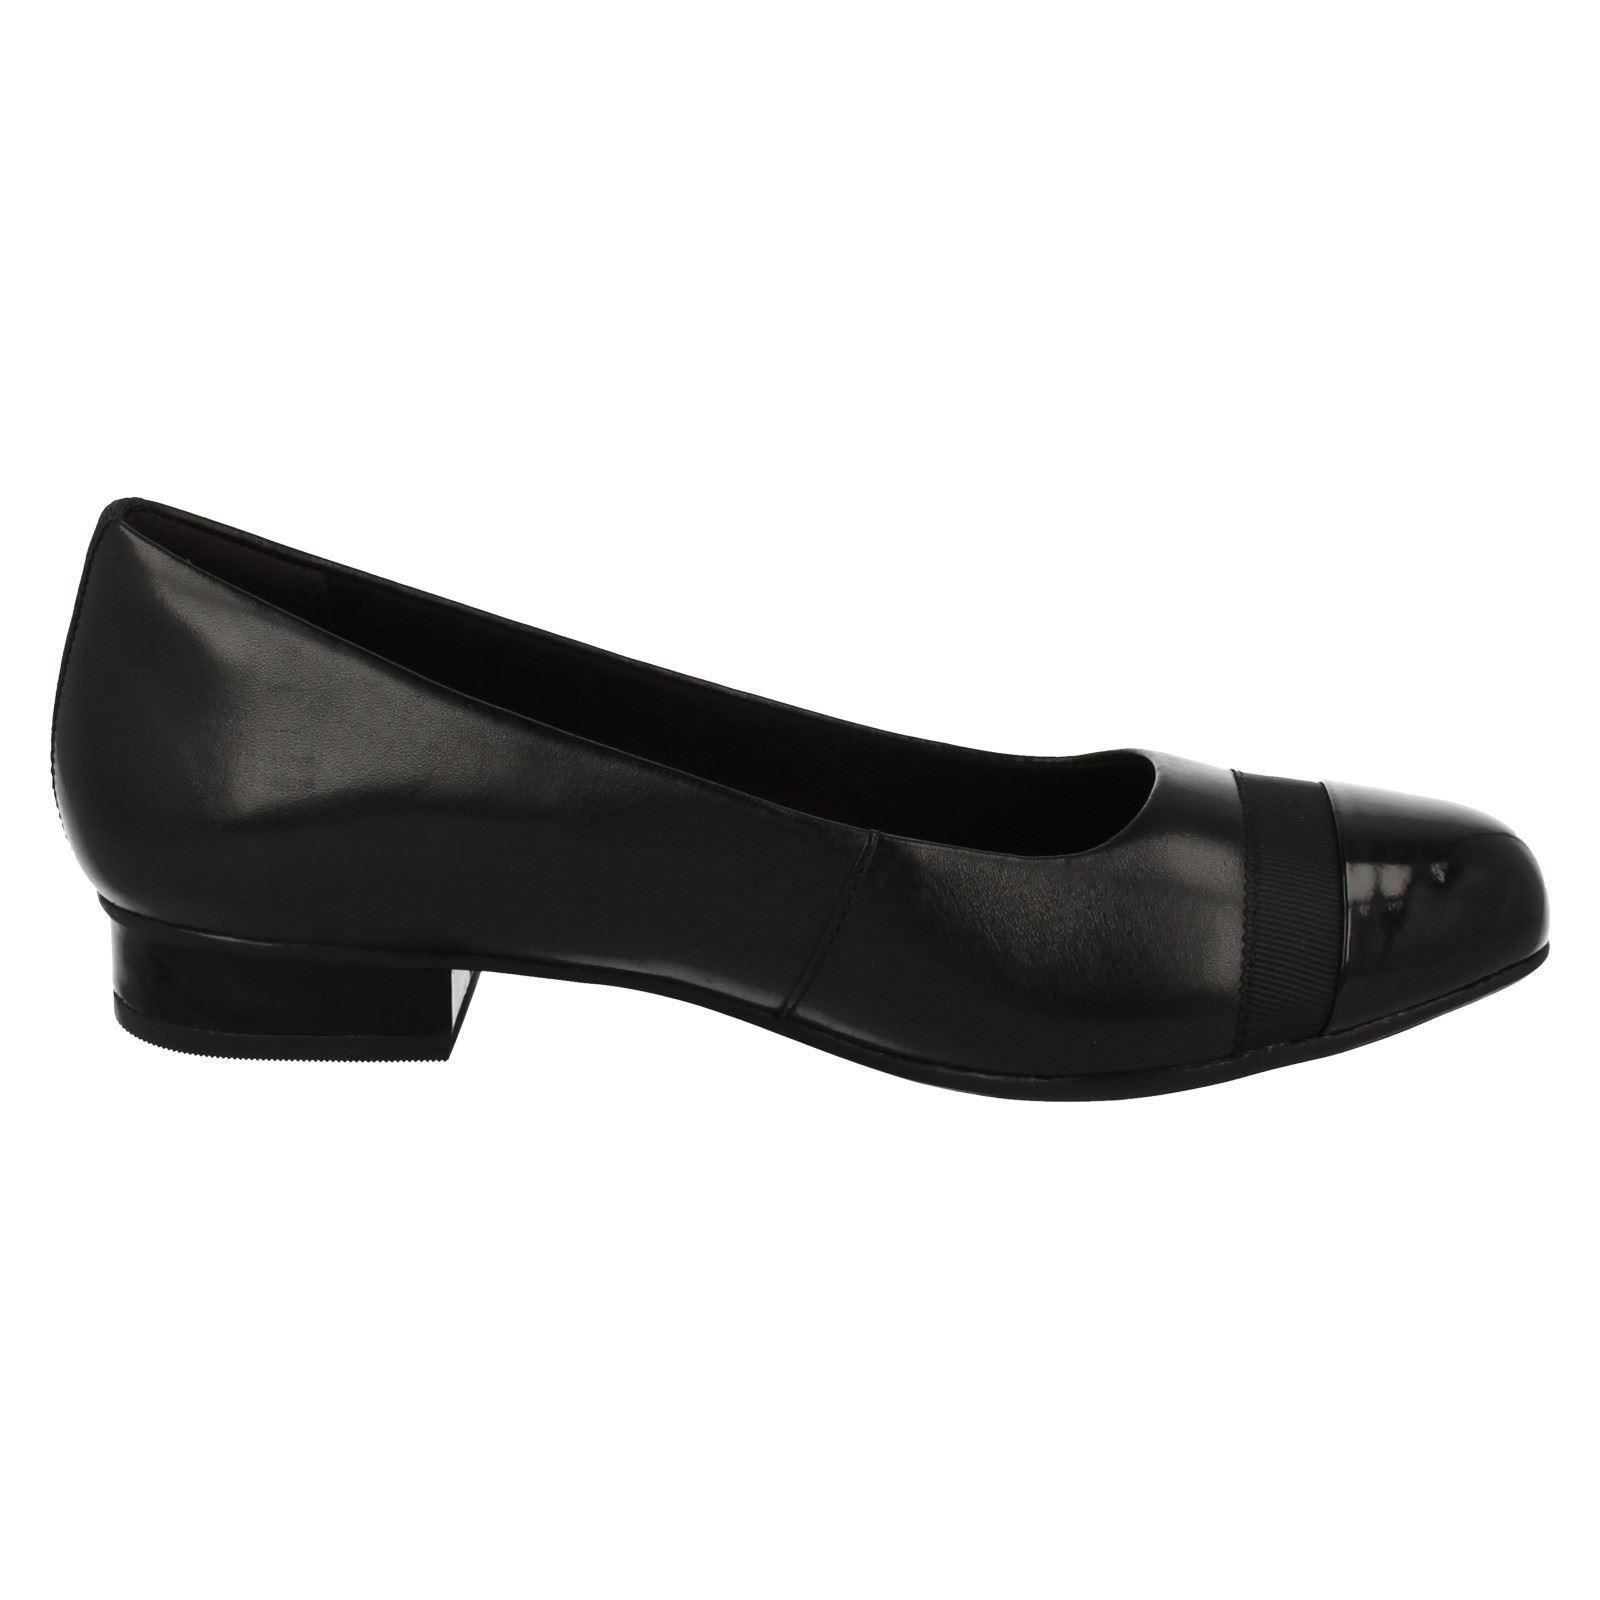 Damen-Clarks-Slipper-Leder-Ballerina-Stil-Flache-Keesha-Rosa Indexbild 16